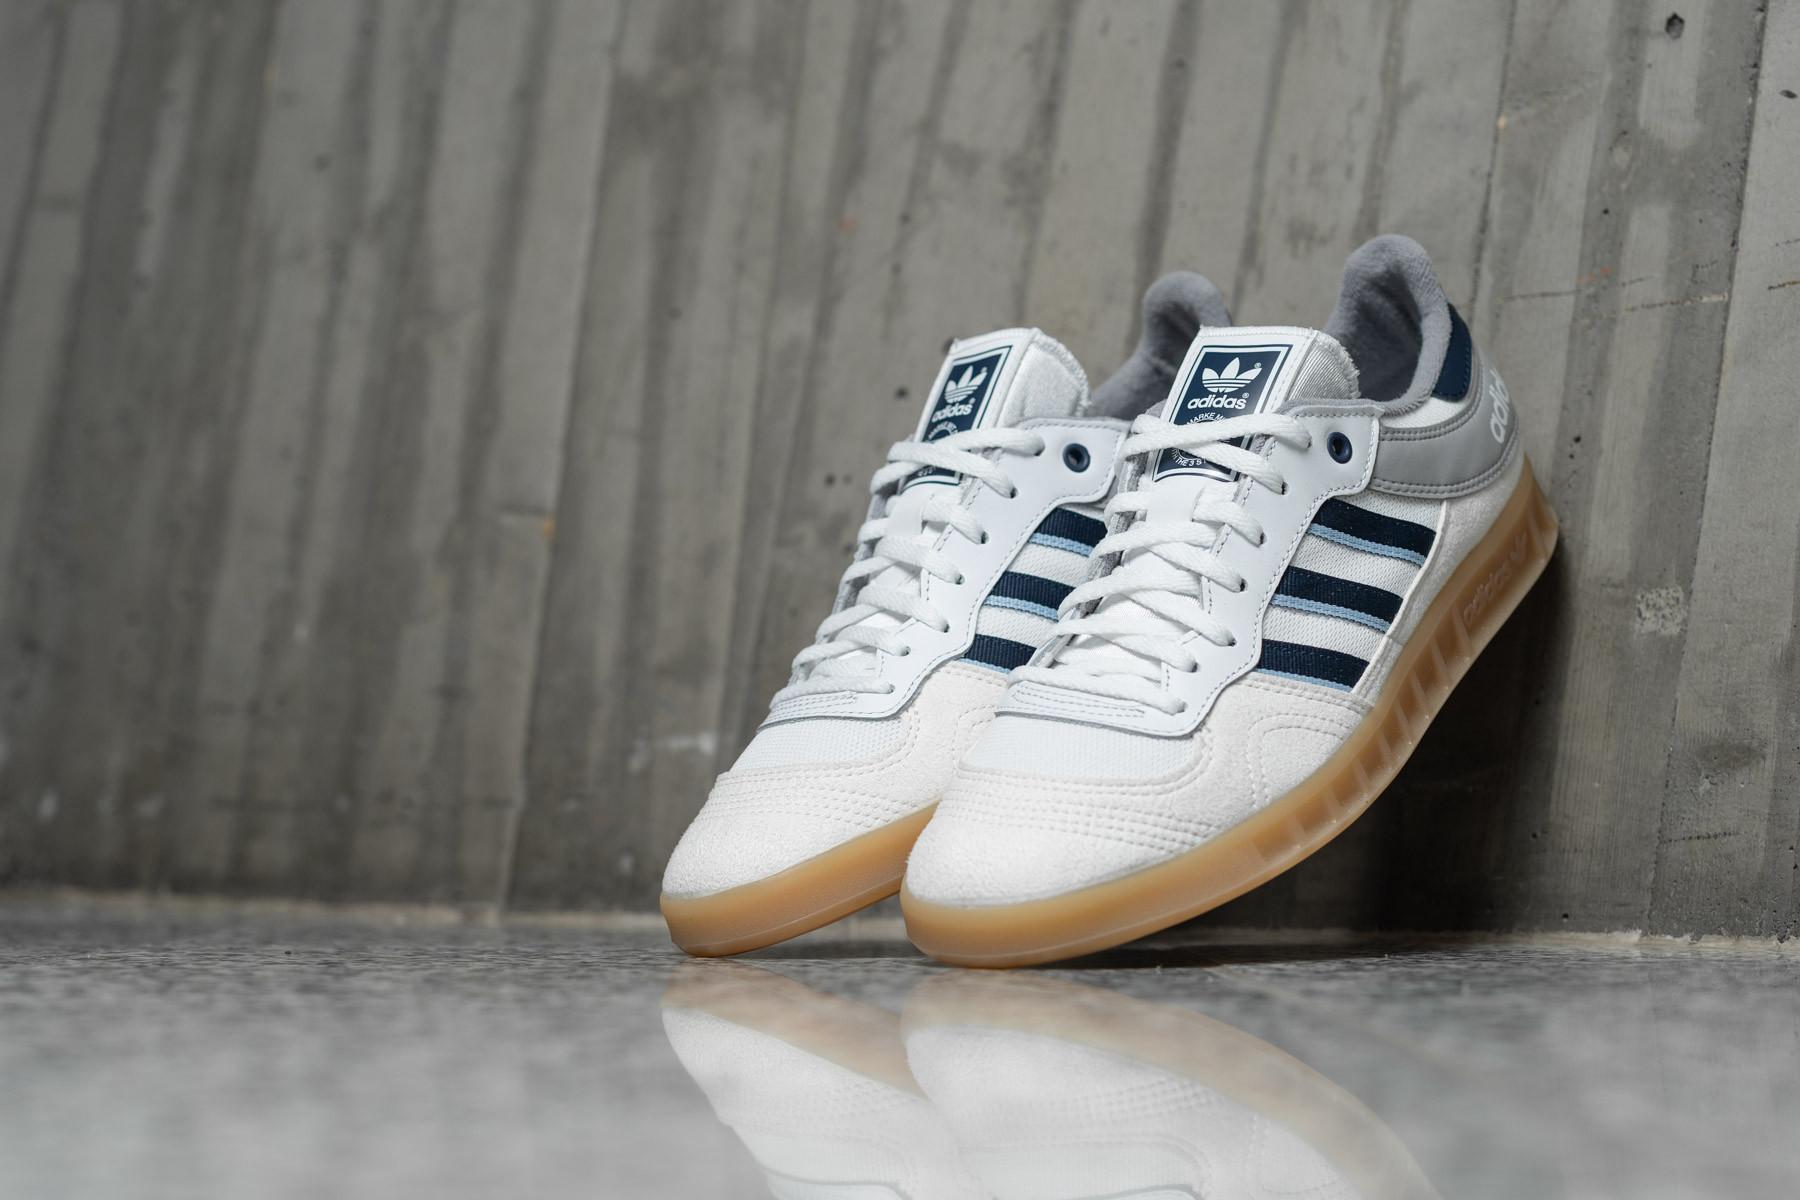 promo adidas code 44e19 adidas promo liga Blanc gum cq2759 7d98e 604c4d